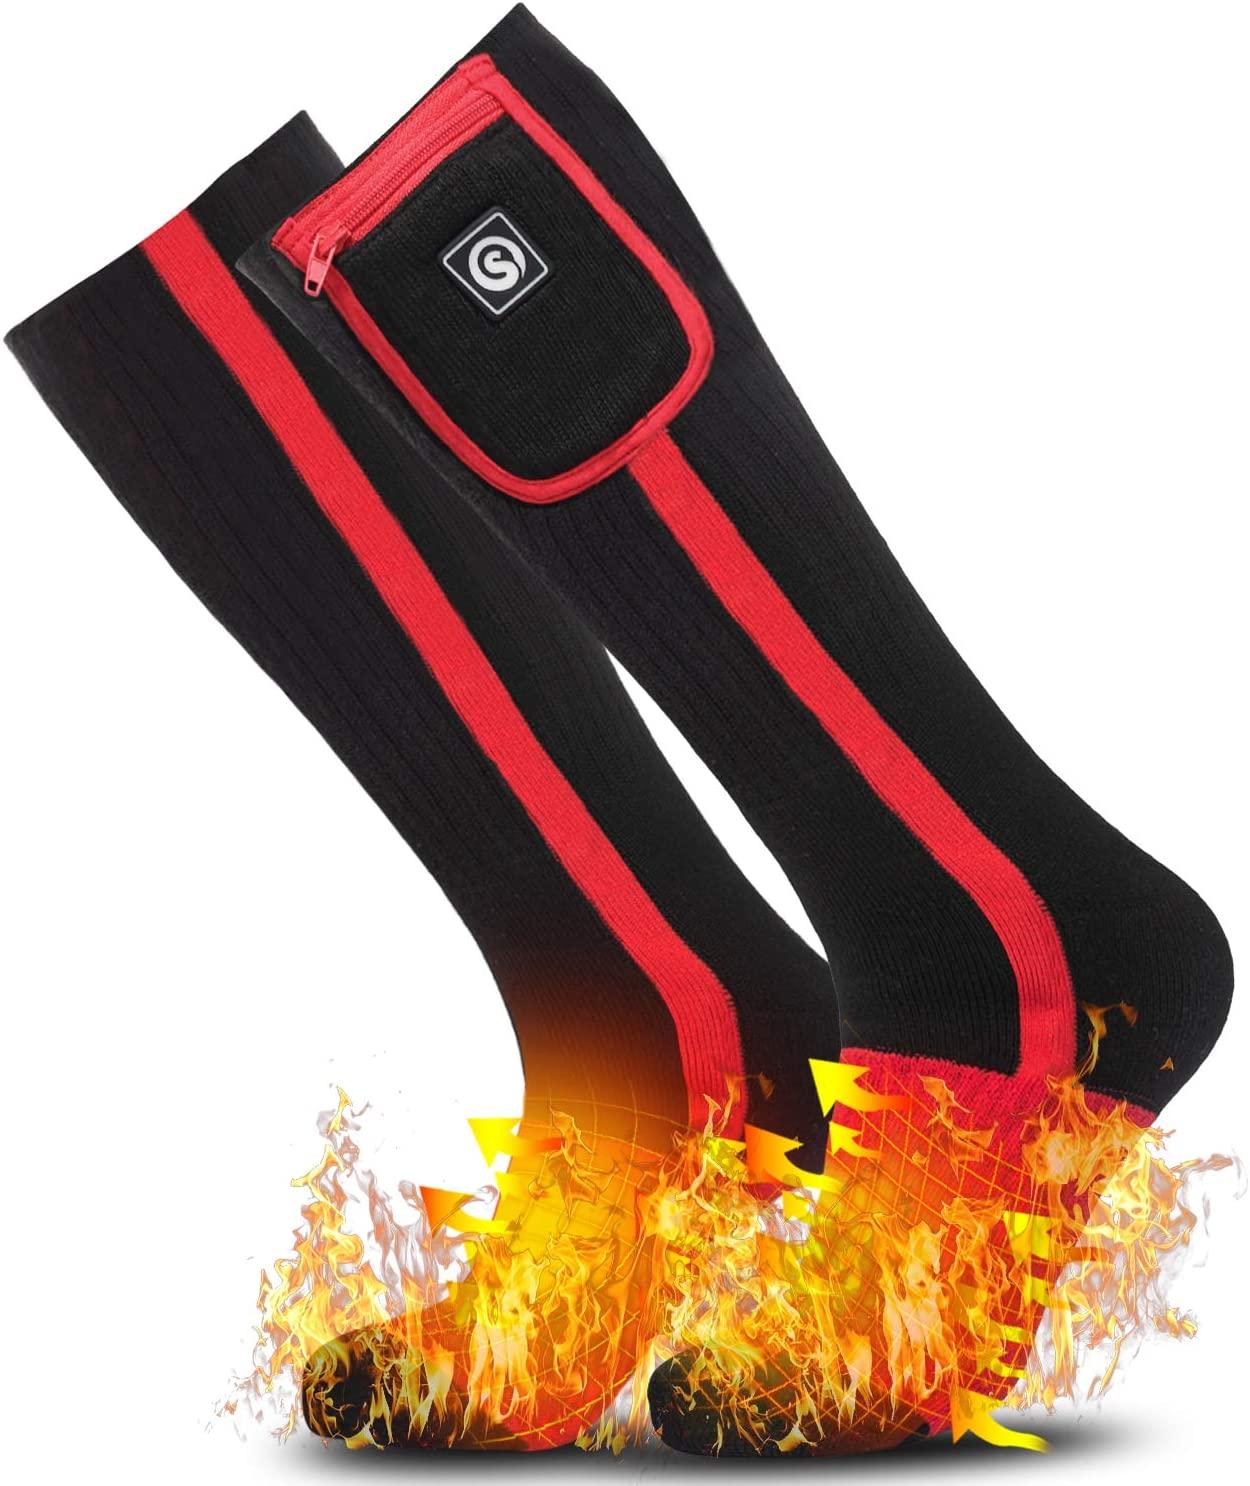 Bezdoteku Vyhřívané ponožky podkolenky Savior BR černé vel. M